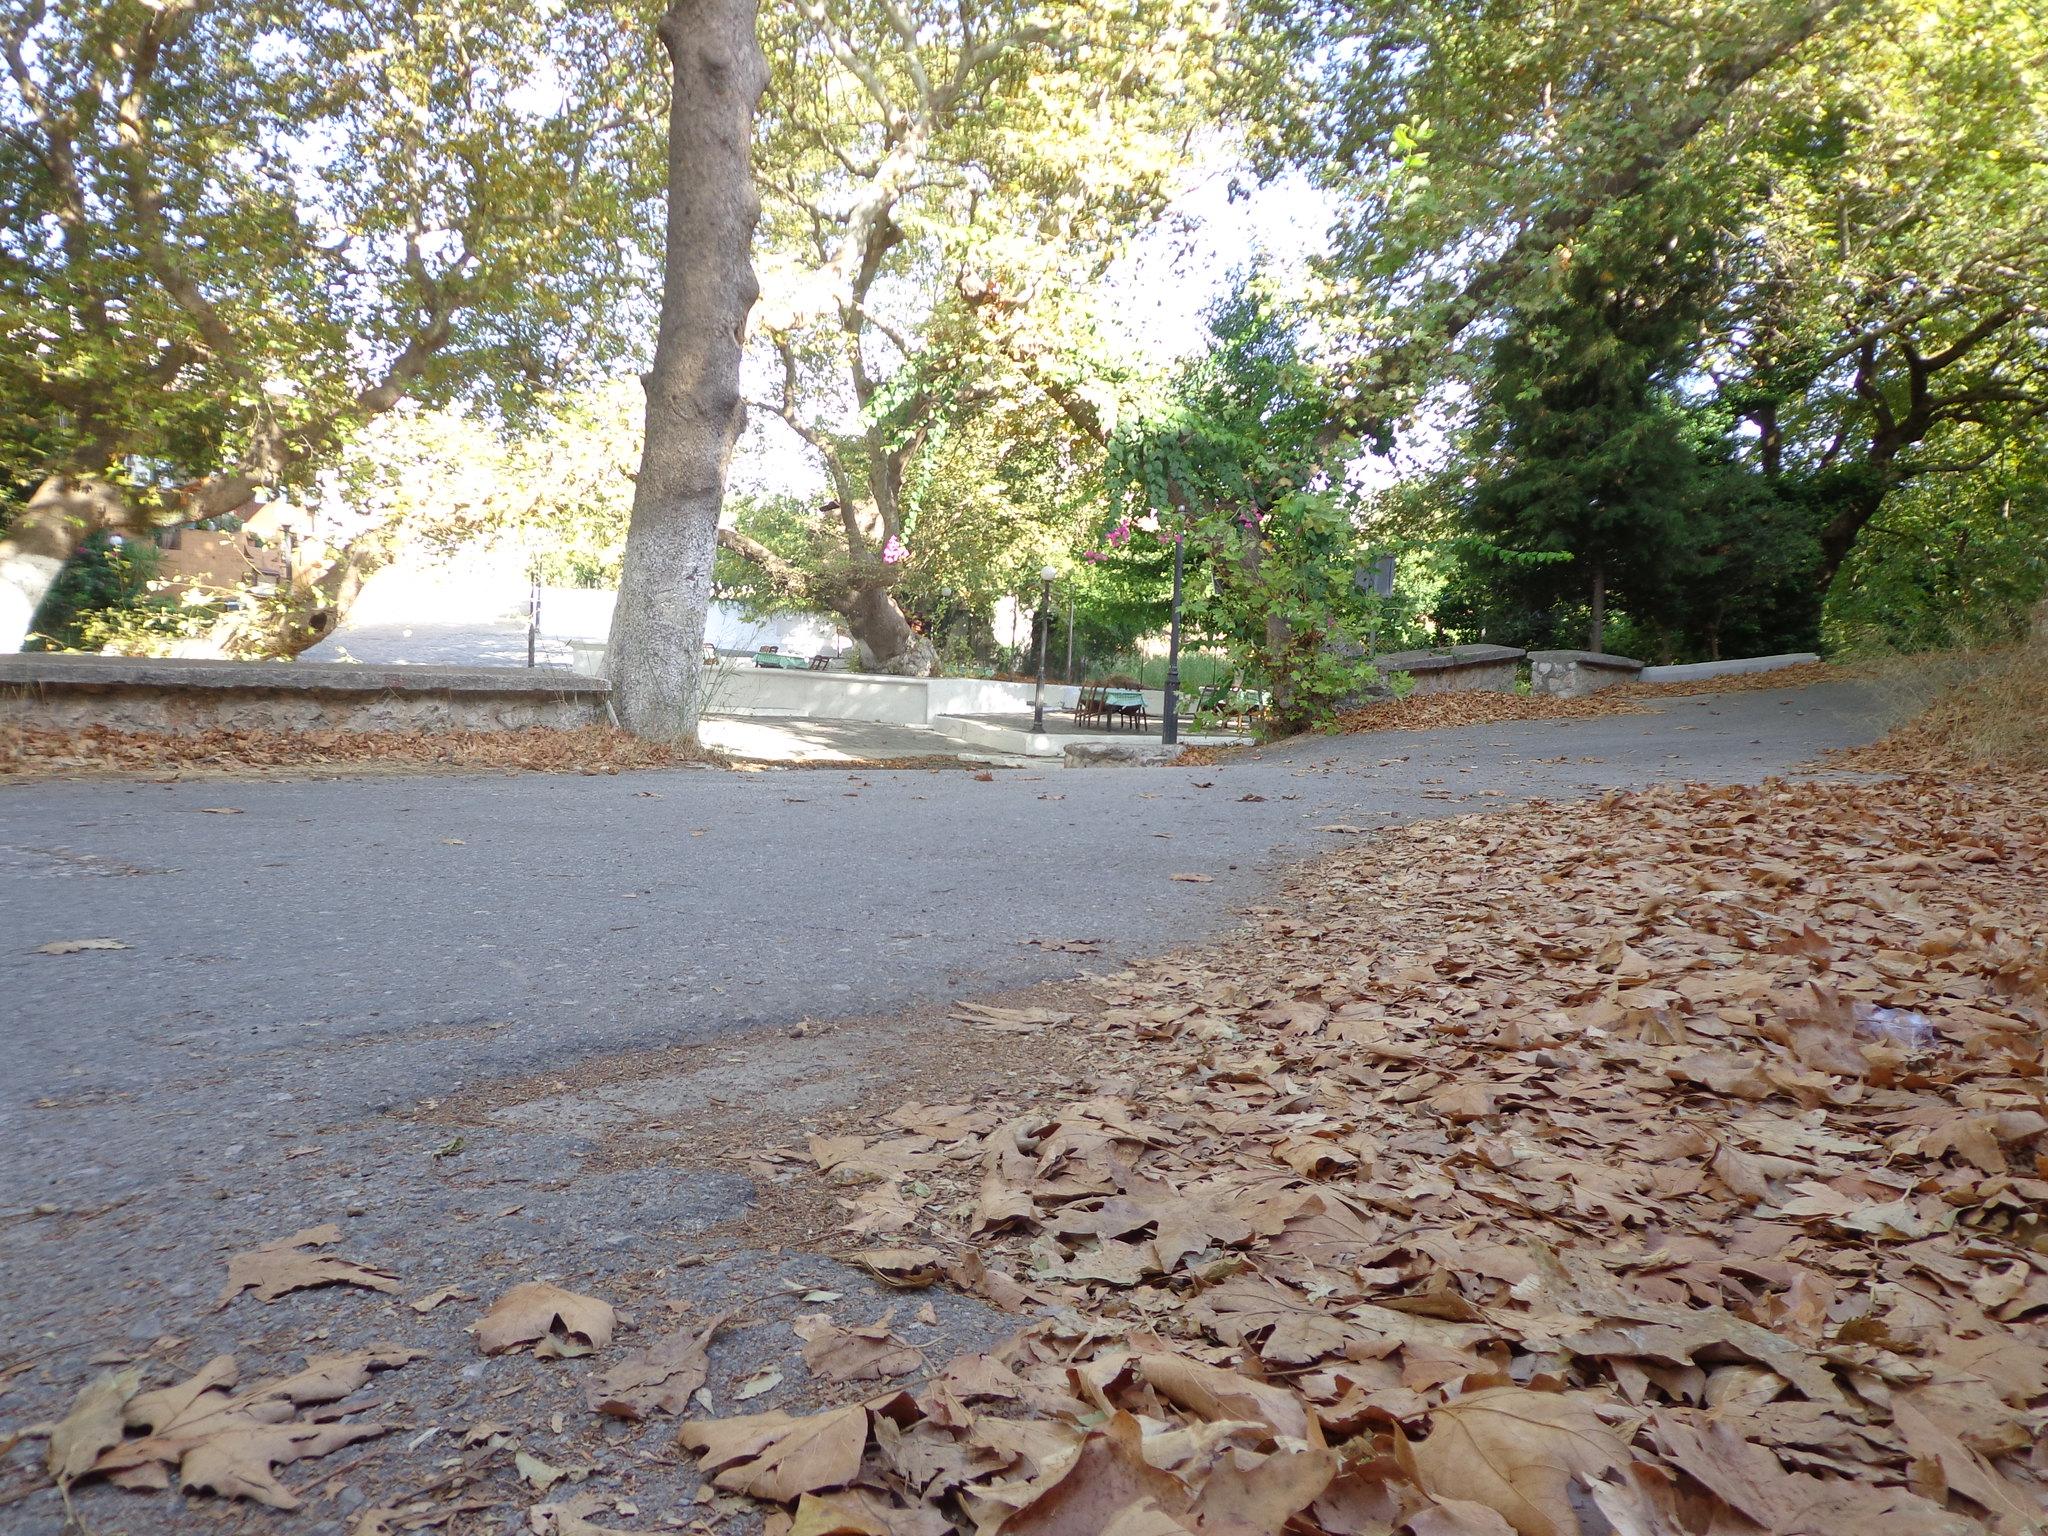 Ψίνθος Φθινόπωρο 2014 - Οι πρώτες μέρες.